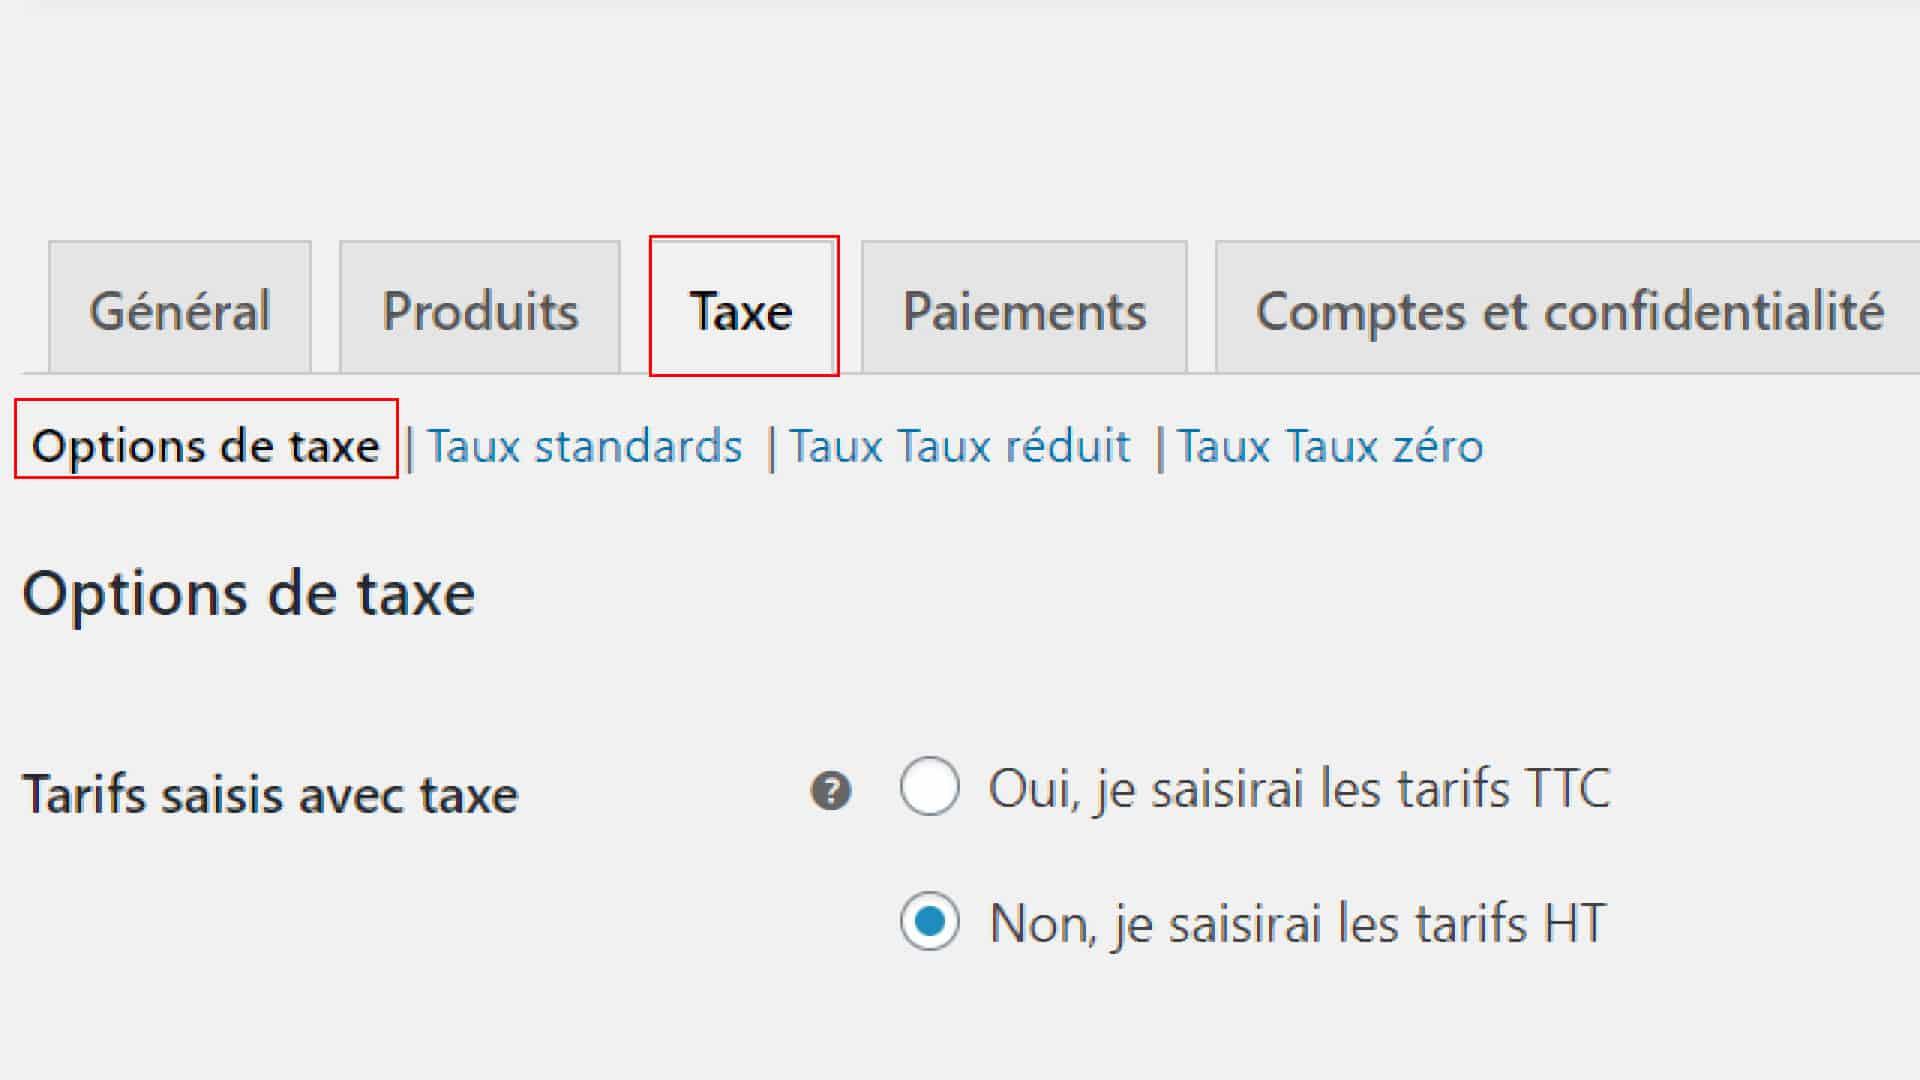 Les options de taxe